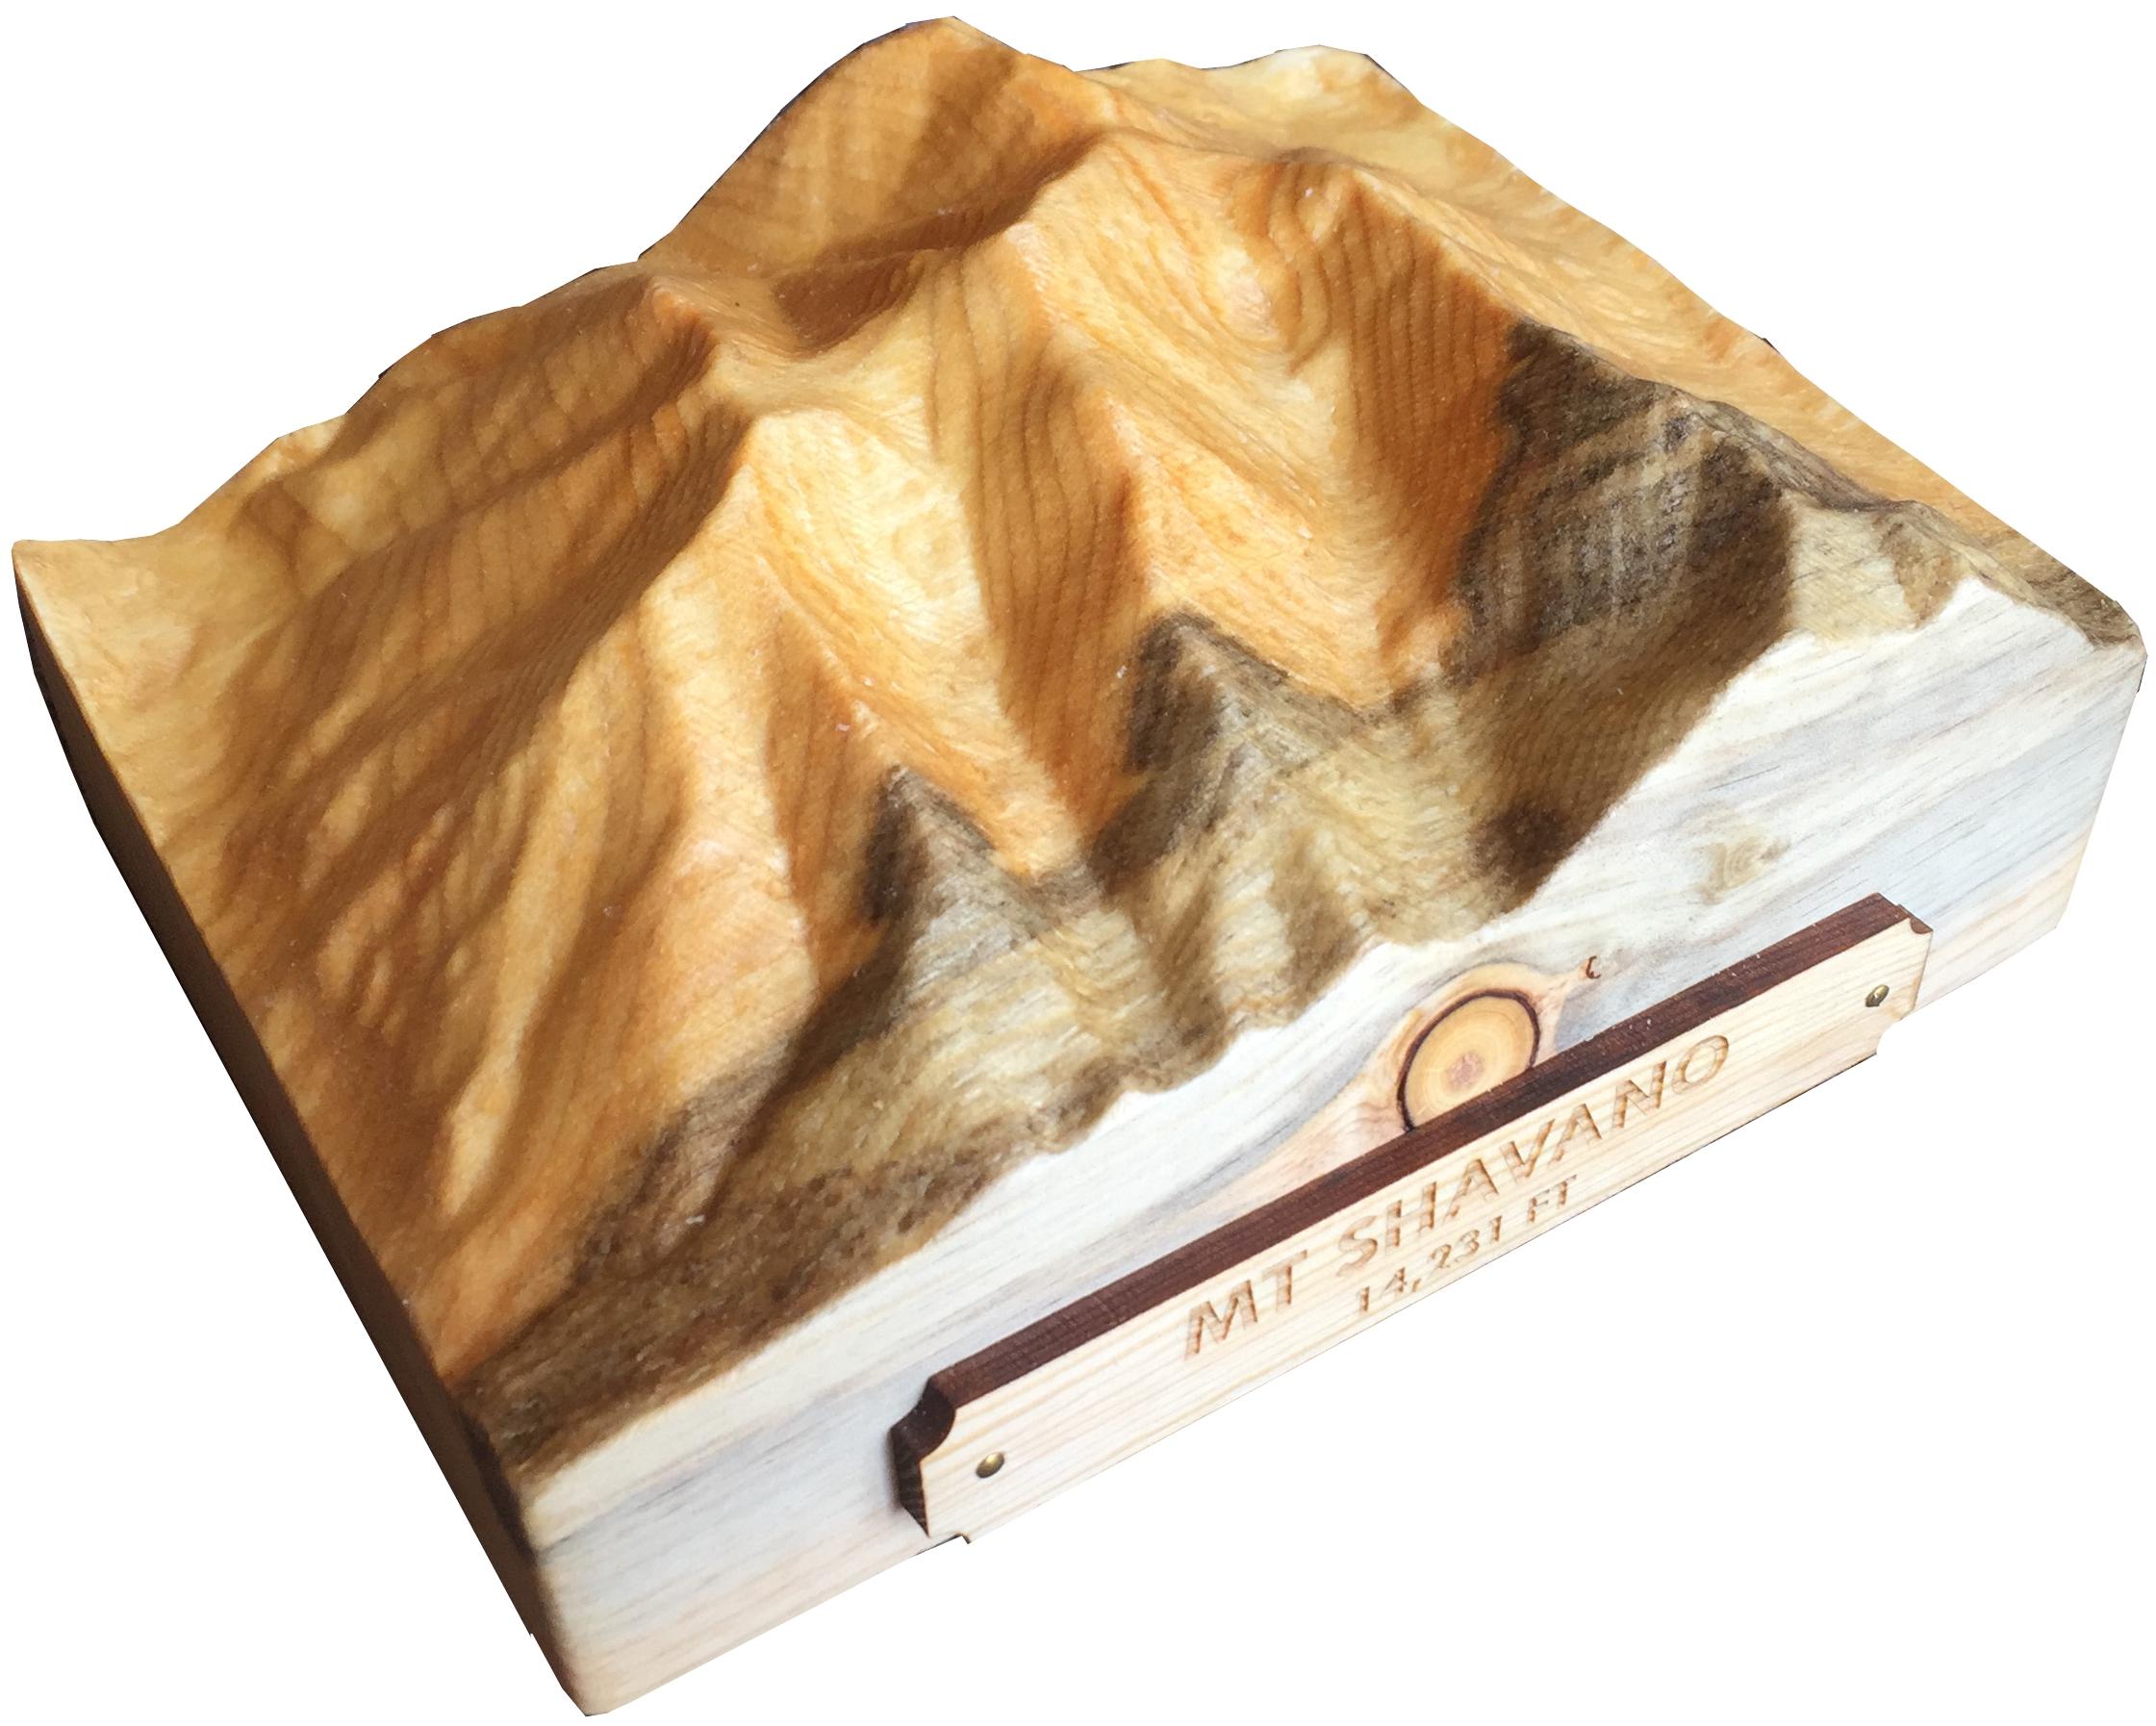 Shavano Gift Carving.jpg